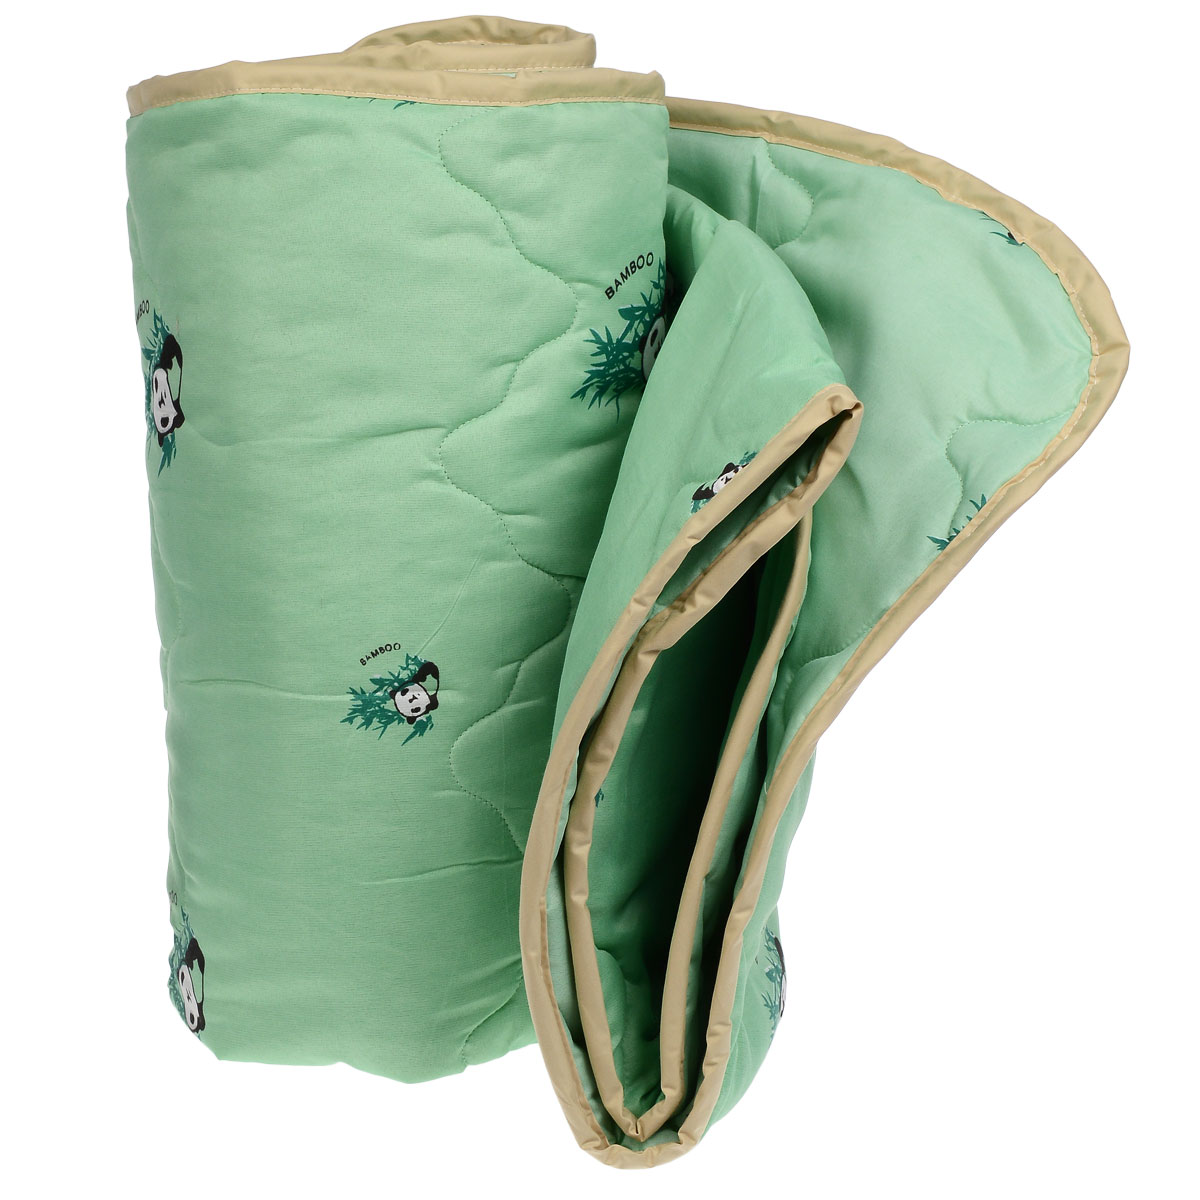 Одеяло всесезонное OL-Tex Бамбук, наполнитель: волокно бамбука, цвет: зеленый, 172 х 205 смV30 AC DCВеликолепное всесезонное одеяло OL-Tex Бамбук подарит вам ни с чем несравнимую мягкость и согреет в холодное время года. При этом одеяло невероятно легкое: под ним также не будет жарко летом. Одеяло из коллекции Бамбук создано с использованием натурального и экологически чистого бамбукового волокна. Чехол одеяла зеленого цвета выполнен из 100% полиэстера и оформлен принтом с изображением бамбука и панды. Эксклюзивная стежка и атласный кант по краю придают изделию красивый внешний вид. Натуральная, экологически чистая основа бамбукового волокна обладает природными антибактериальными и дезодорирующими свойствами, останавливает рост и развитие бактерий, препятствует появлению неприятных запахов. Эти качества сохраняются даже после многократных стирок. Идеально подходит людям, страдающим аллергией и астмой. Основные свойства бамбукового наполнителя: - отличная воздухопроницаемость и впитывающие свойства, - дезодорирующие и бактерицидные свойства, - гигиеничность и гипоаллергенность. Подарите себе здоровый сон с бамбуковым одеялом! Рекомендации по уходу:- Ручная и машинная стирка при температуре 30°С.- Не гладить.- Не отбеливать. - Нельзя отжимать и сушить в стиральной машине. - Вертикальная сушка. Материал чехла: 100: полиэстер. Наполнитель: волокно бамбука. Размер: 172 см х 205 см.